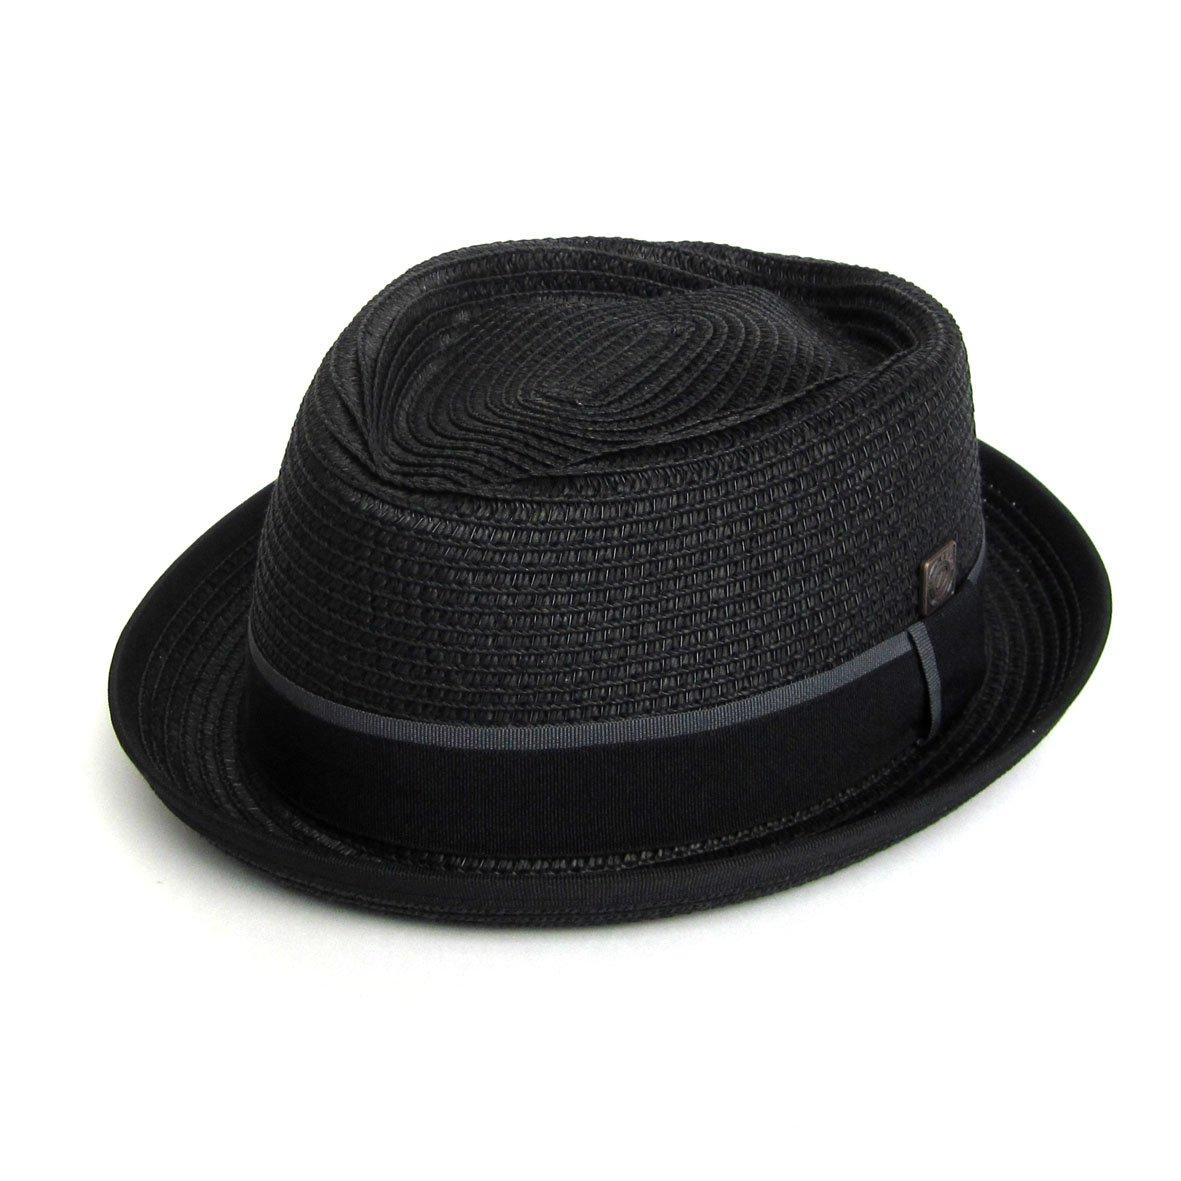 Sombrero de paja para hombre DASMARCA Summer Pork Pie